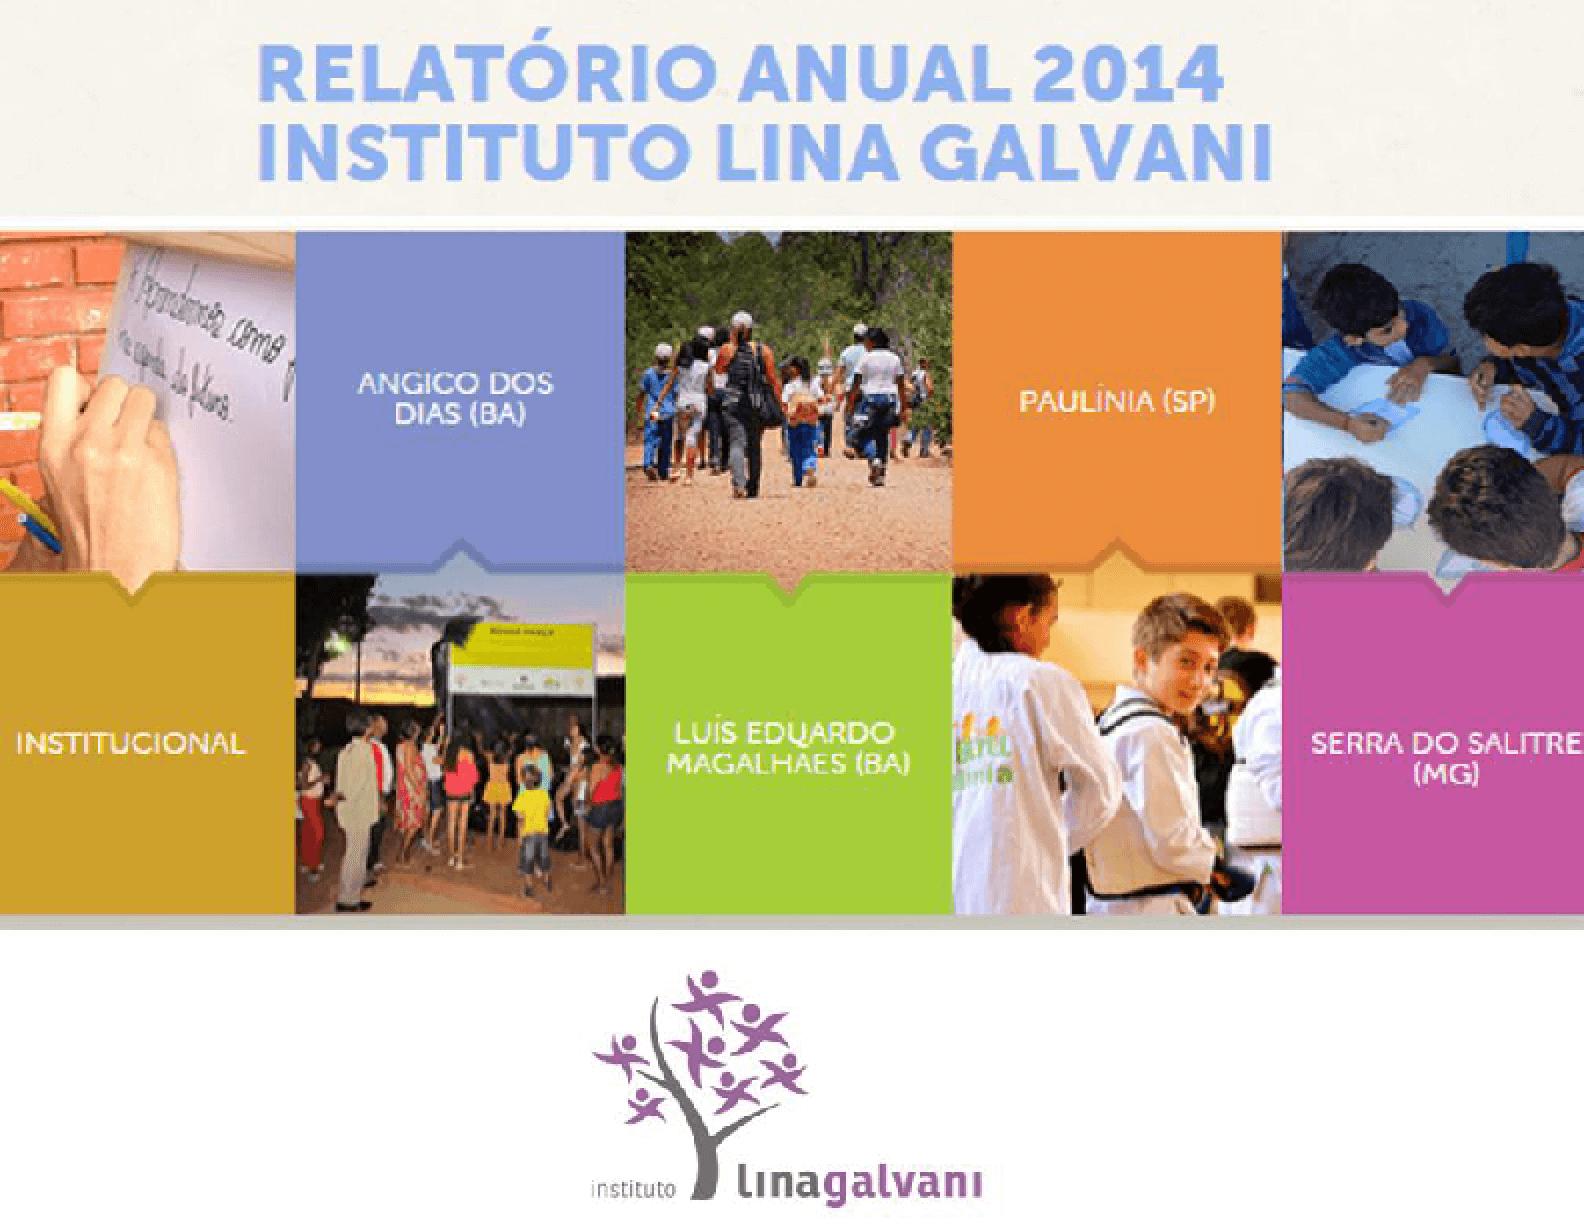 Relatório Anual 2014 - Instituto Lina Galvani